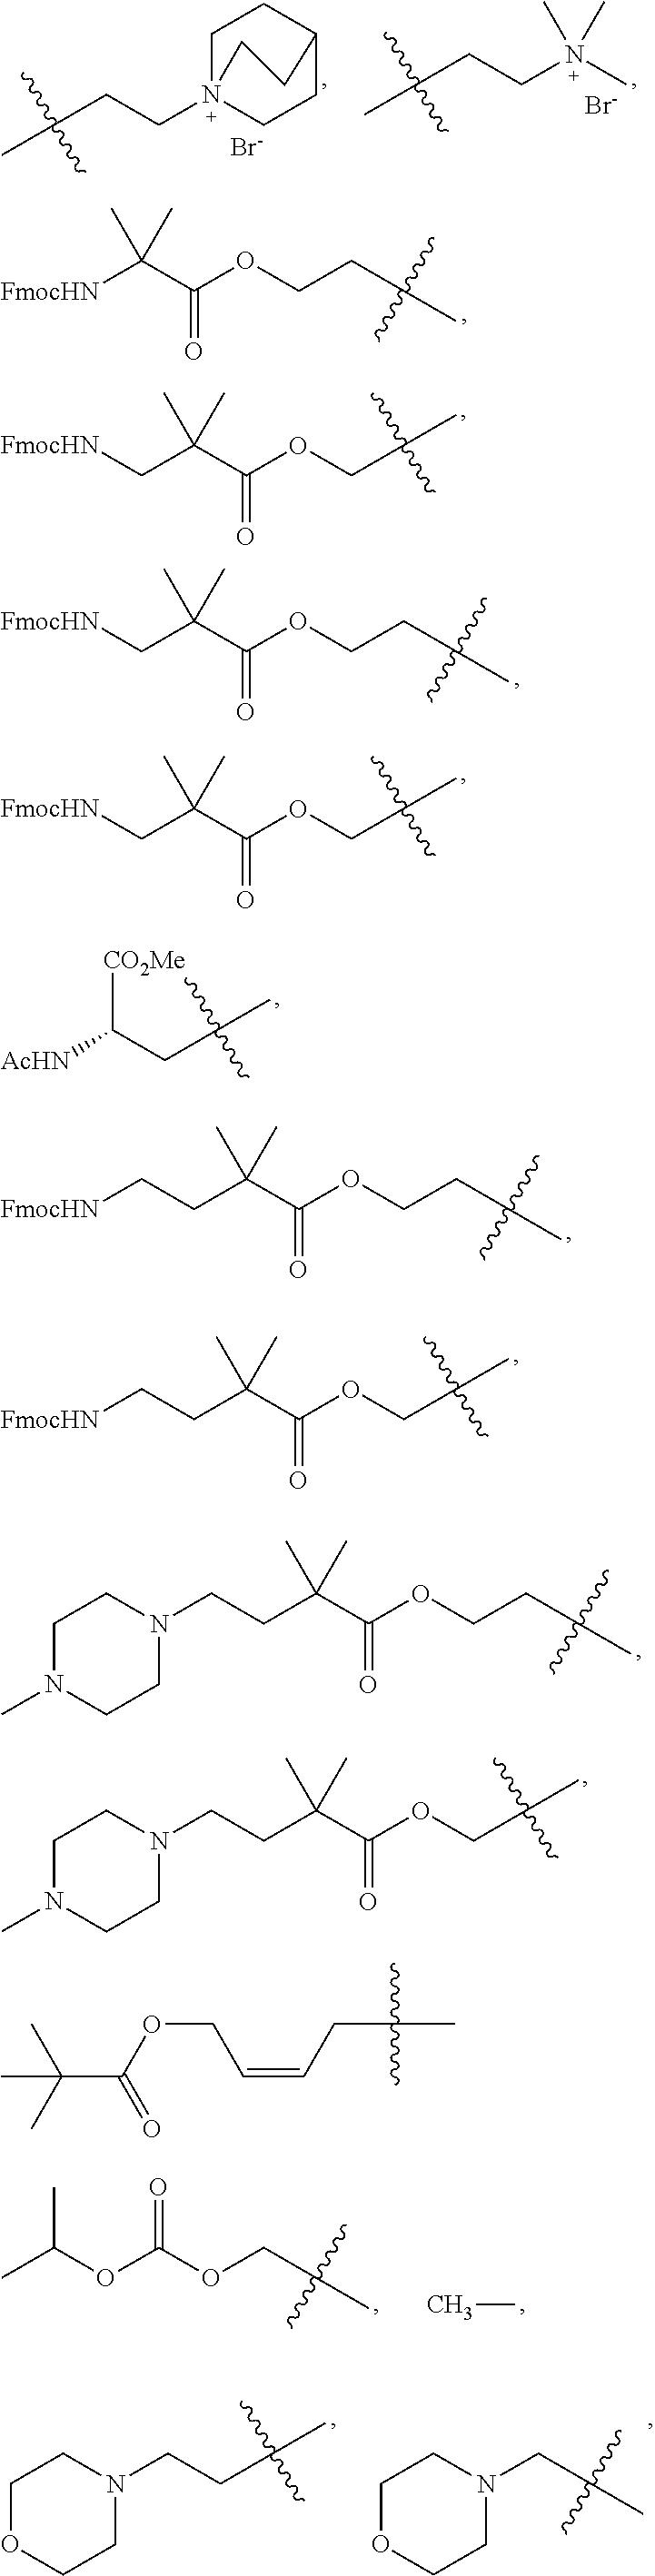 Figure US09982257-20180529-C00128